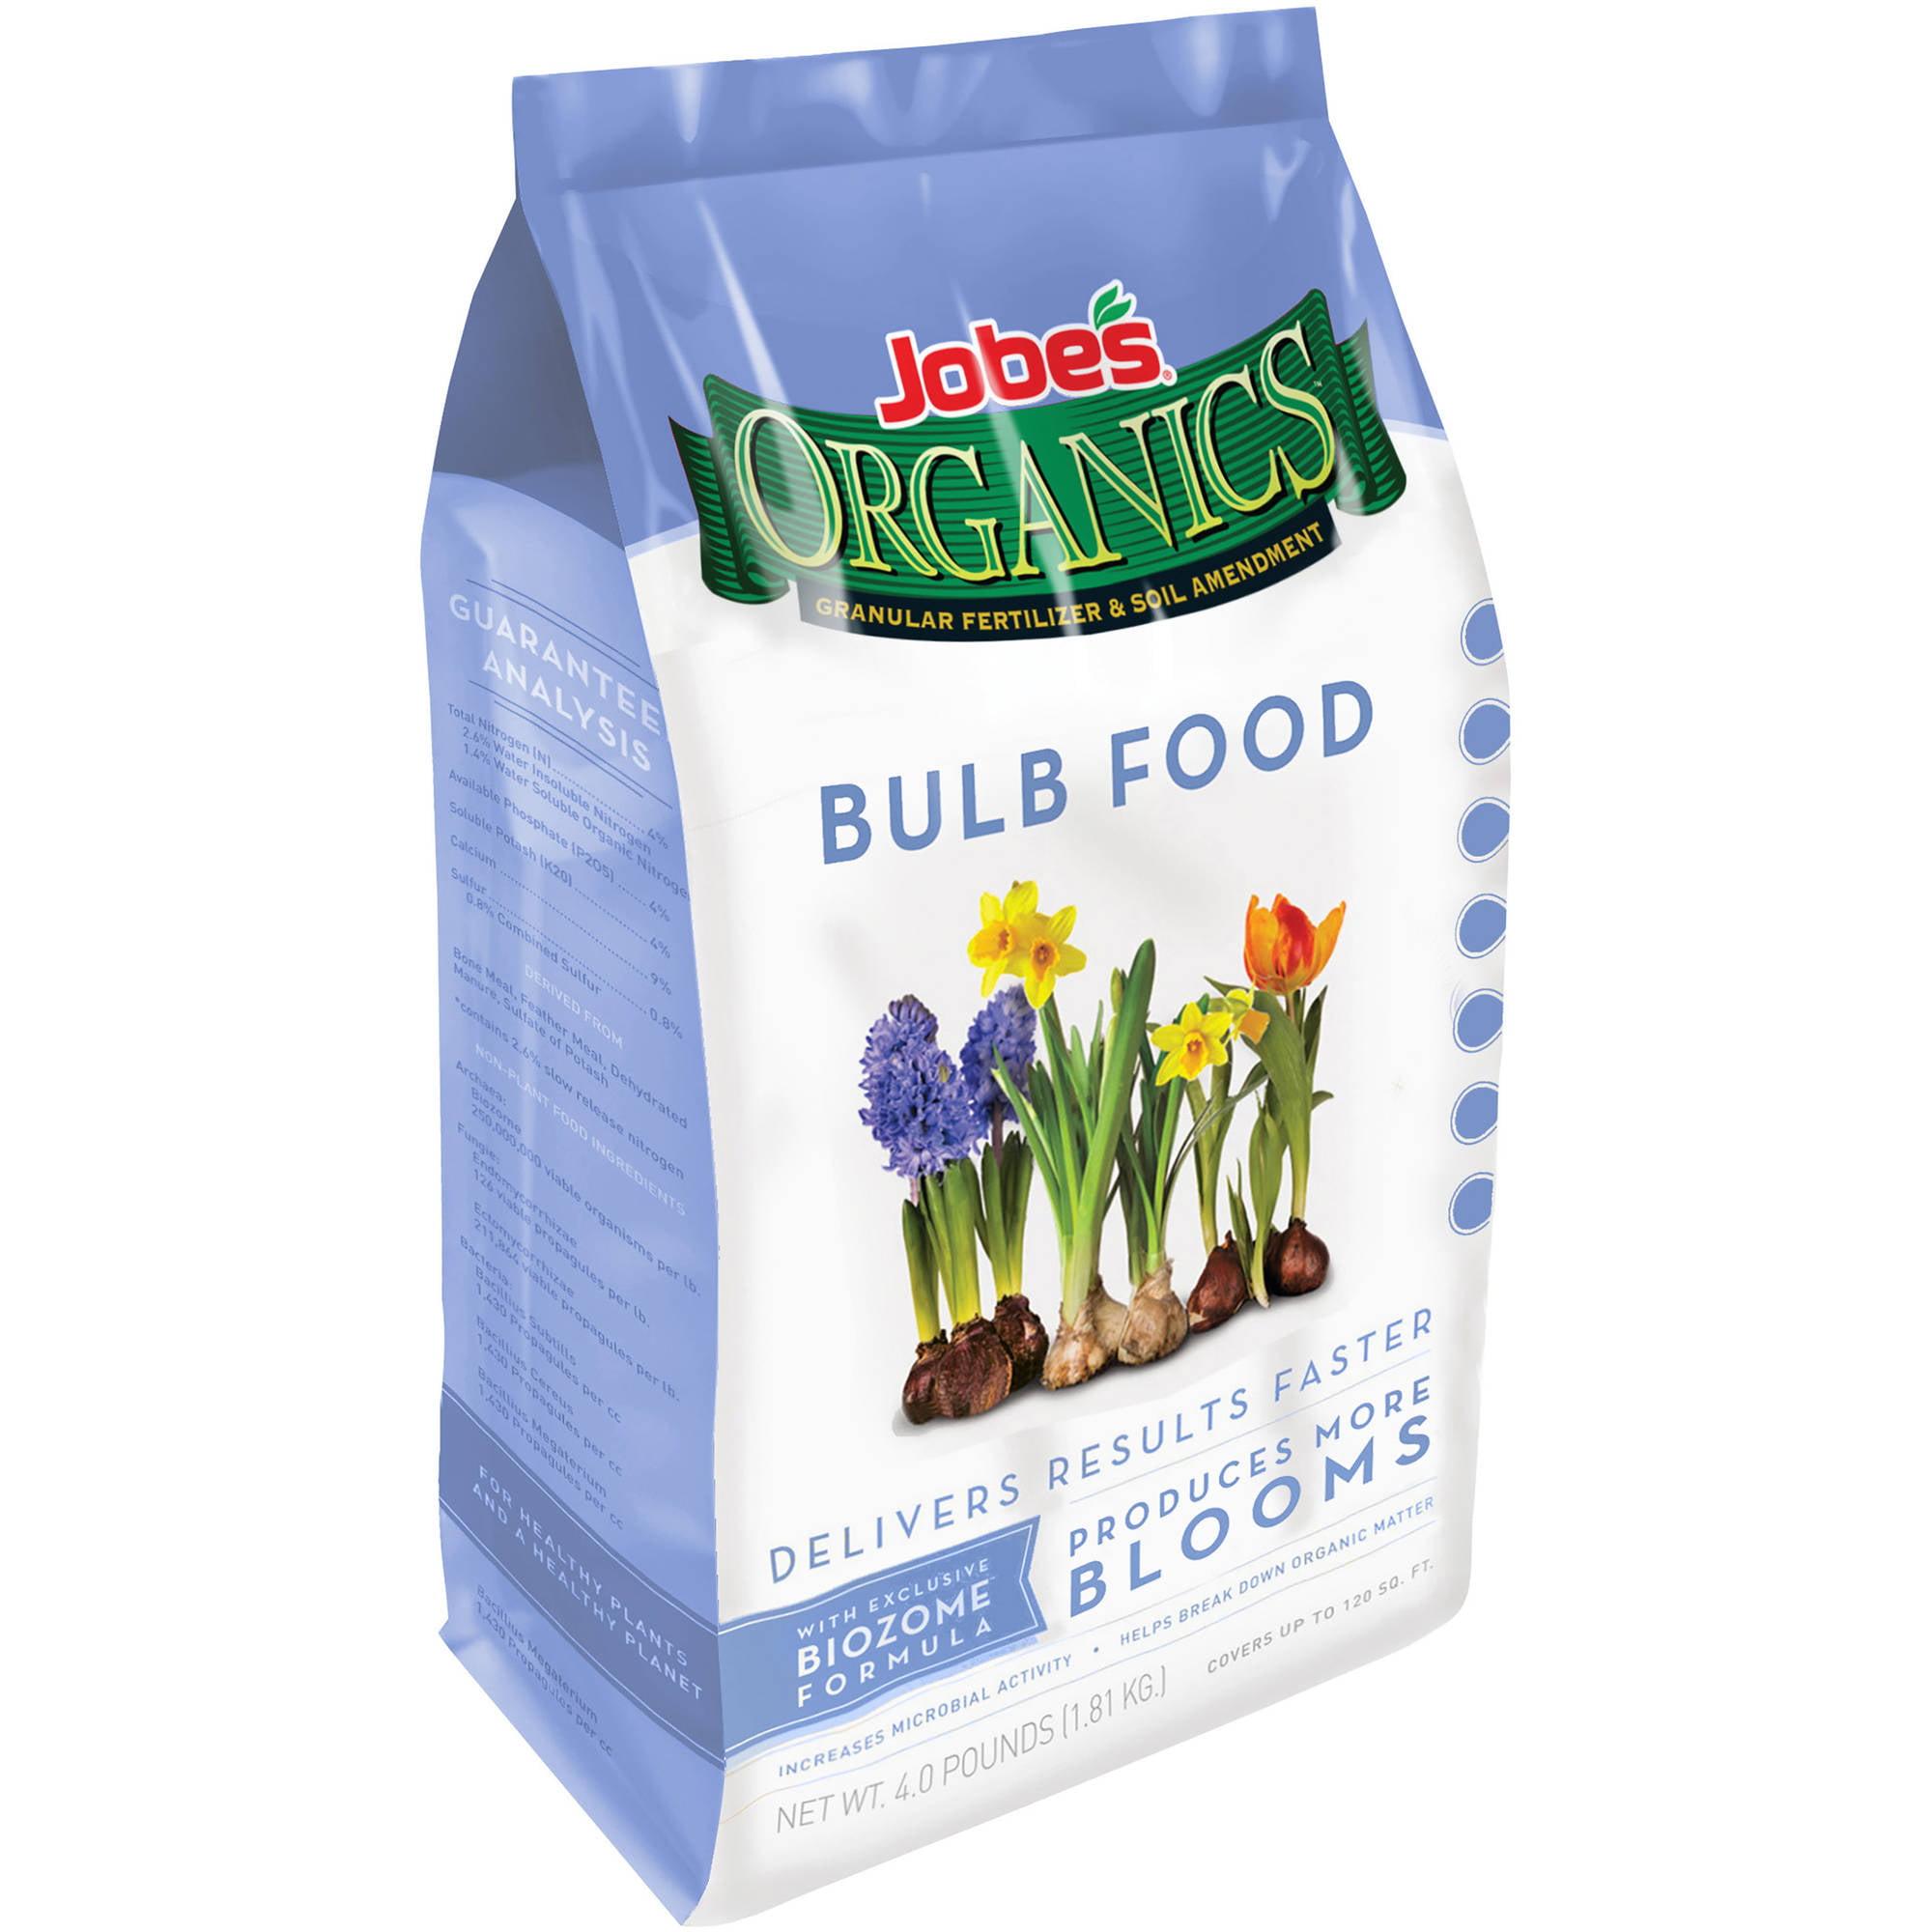 Jobe's Organics Bulb Food Fertilizer, 4 lbs